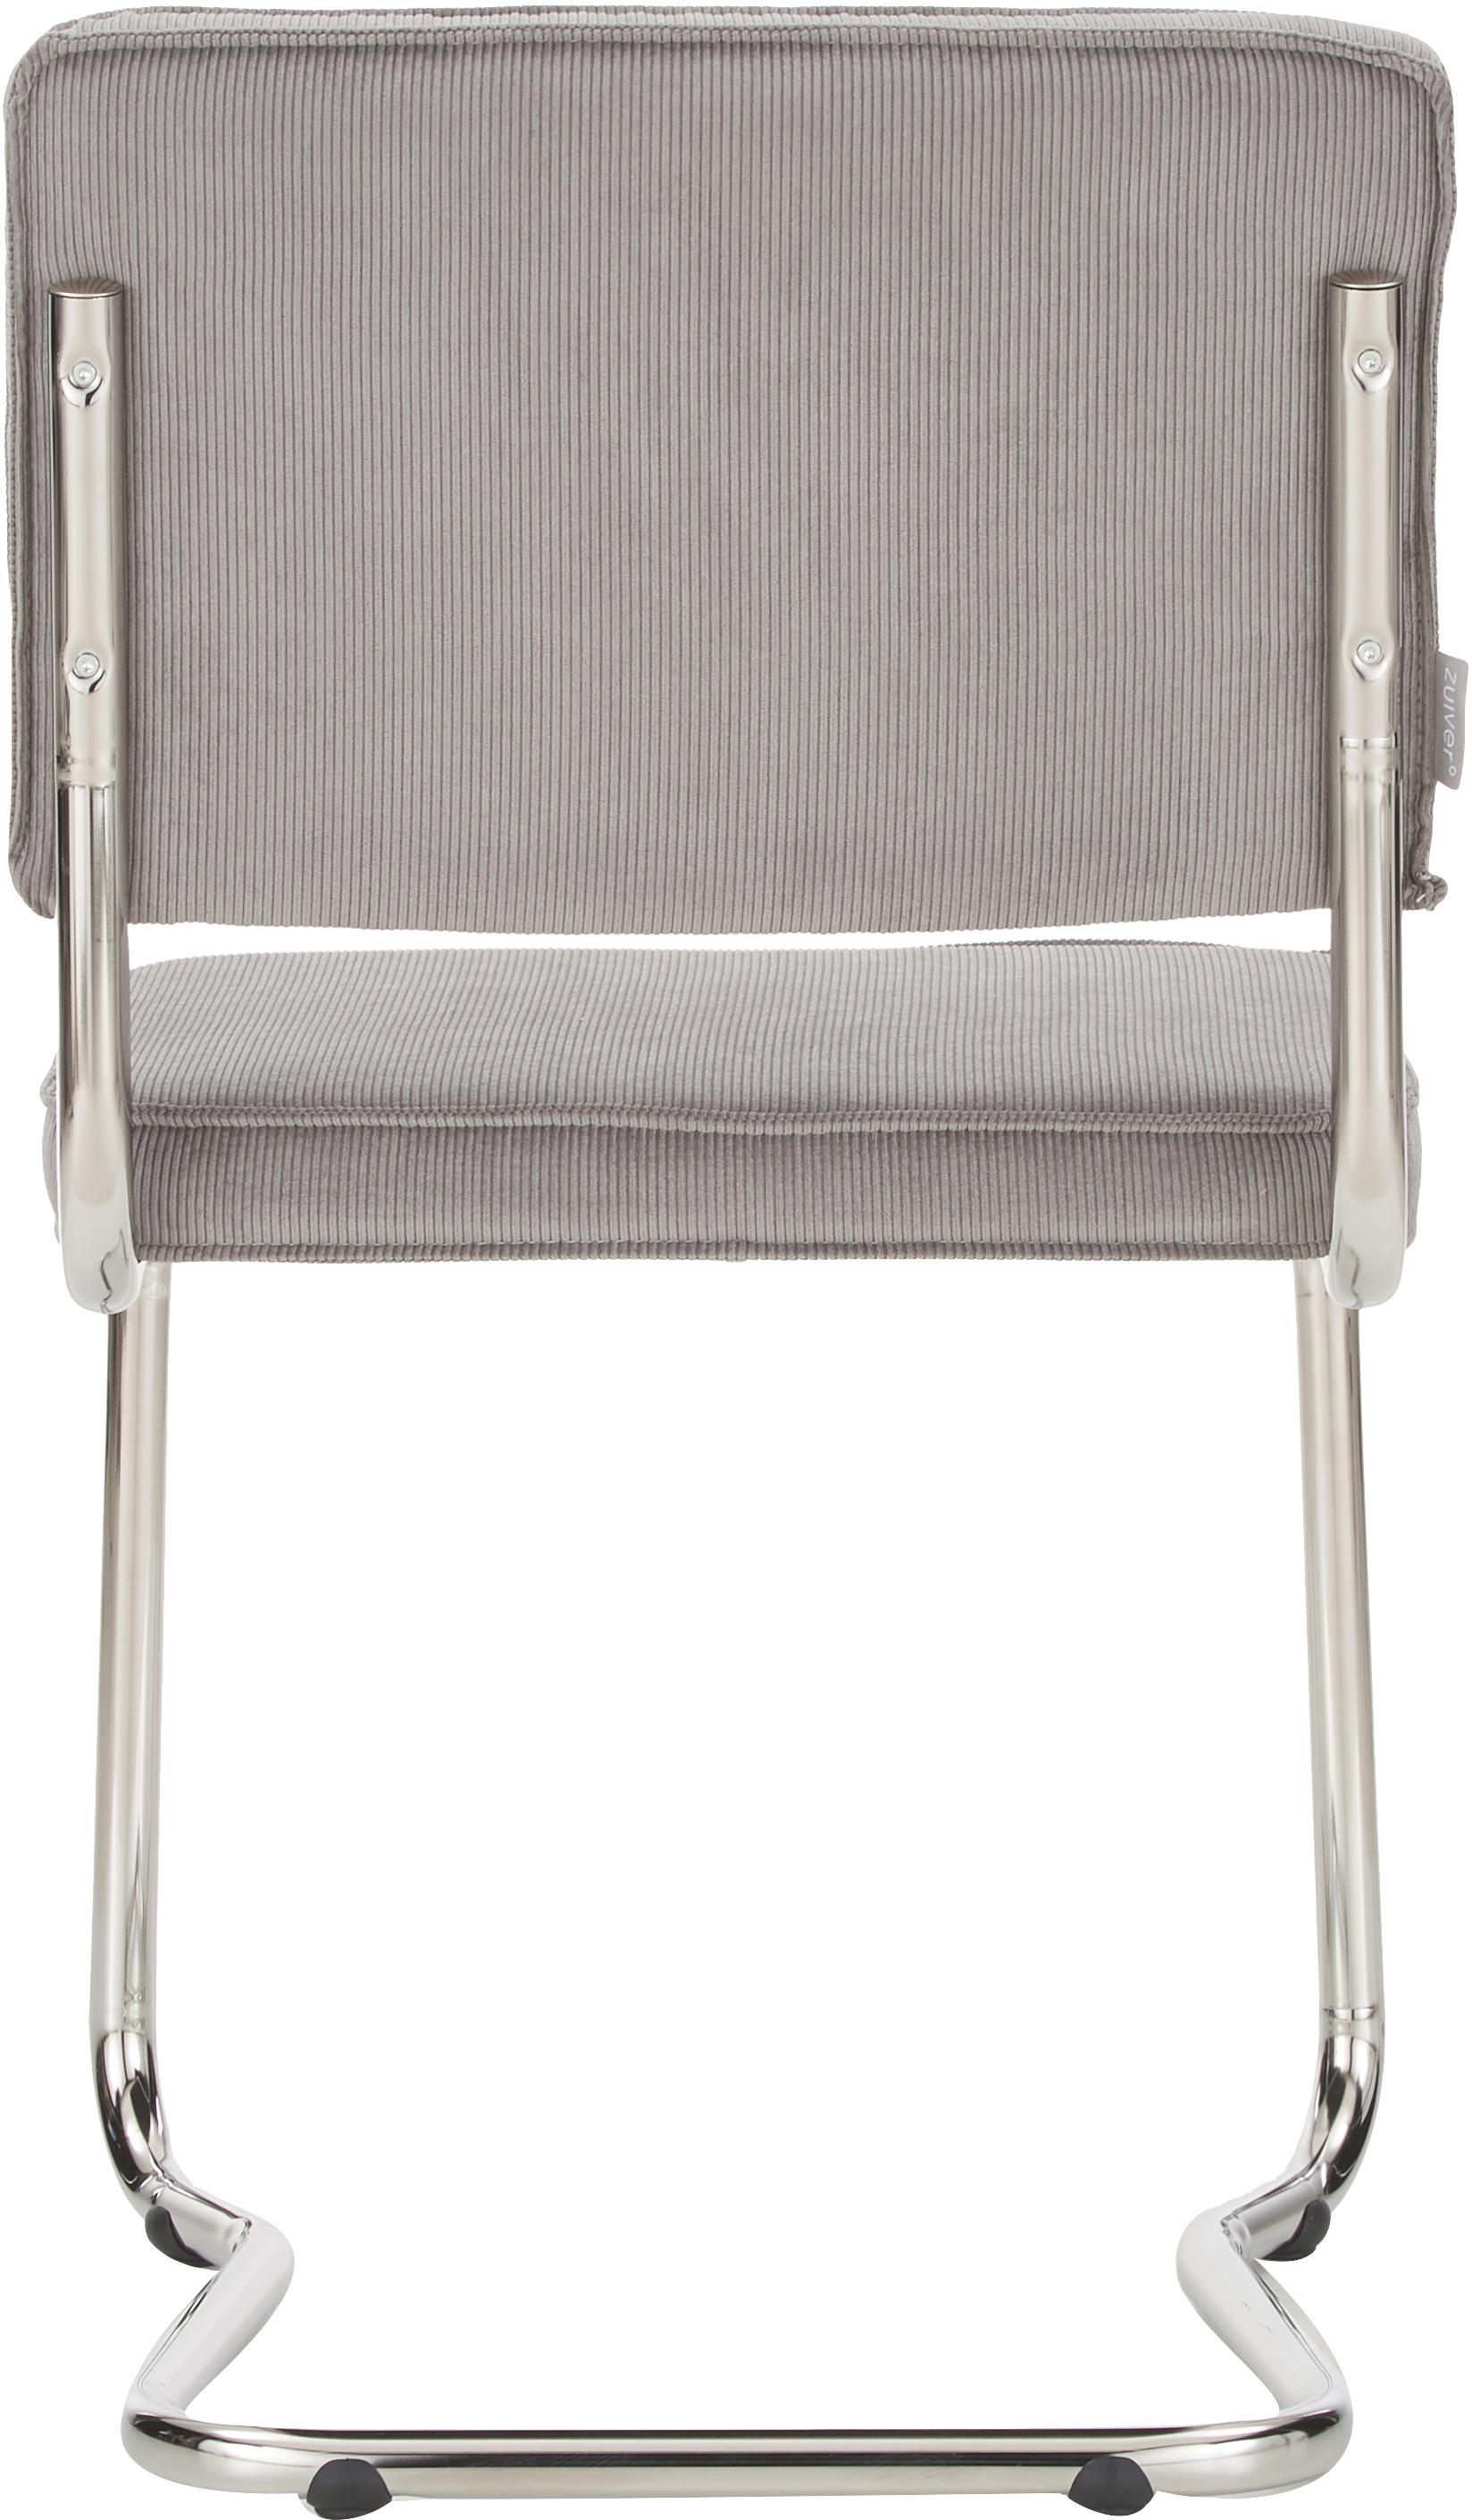 Freischwinger Ridge Kink Chair, Bezug: 88% Nylon, 12% Polyester, Gestell: Metall, verchromt Der Bez, Cord Hellgrau, B 48 x T 48 cm